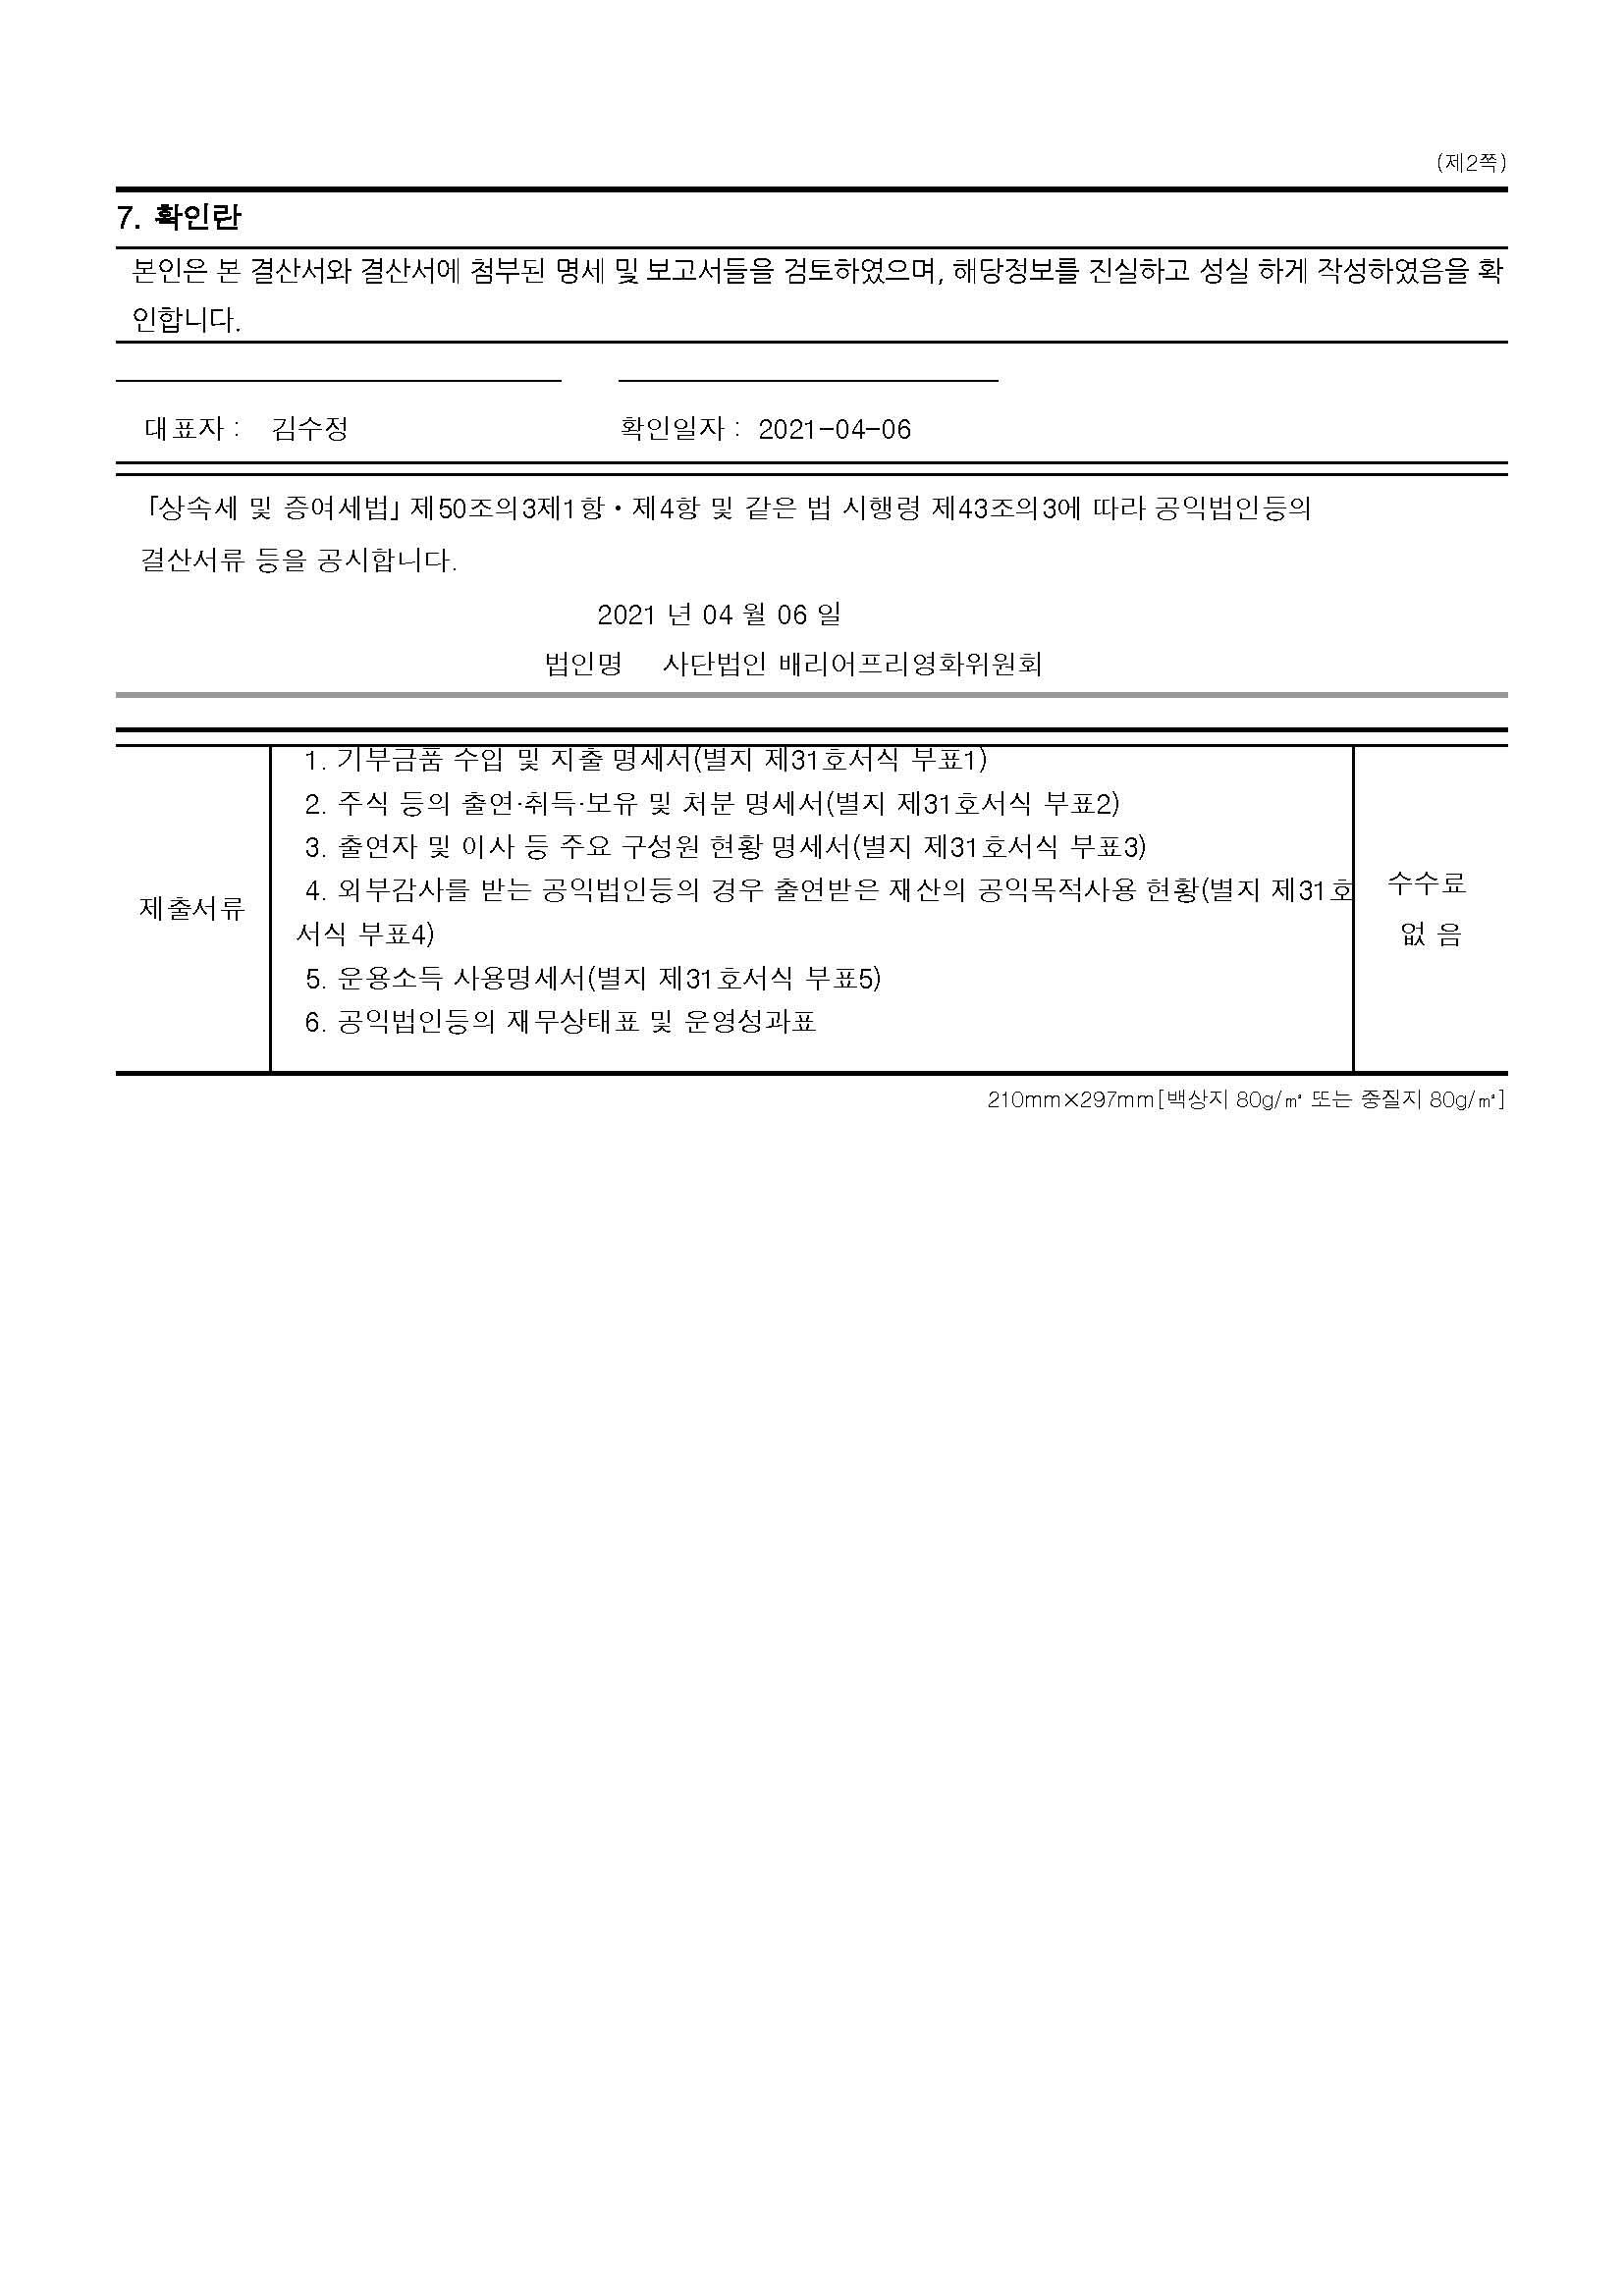 2020 공익서류 결산서류  (2).jpg